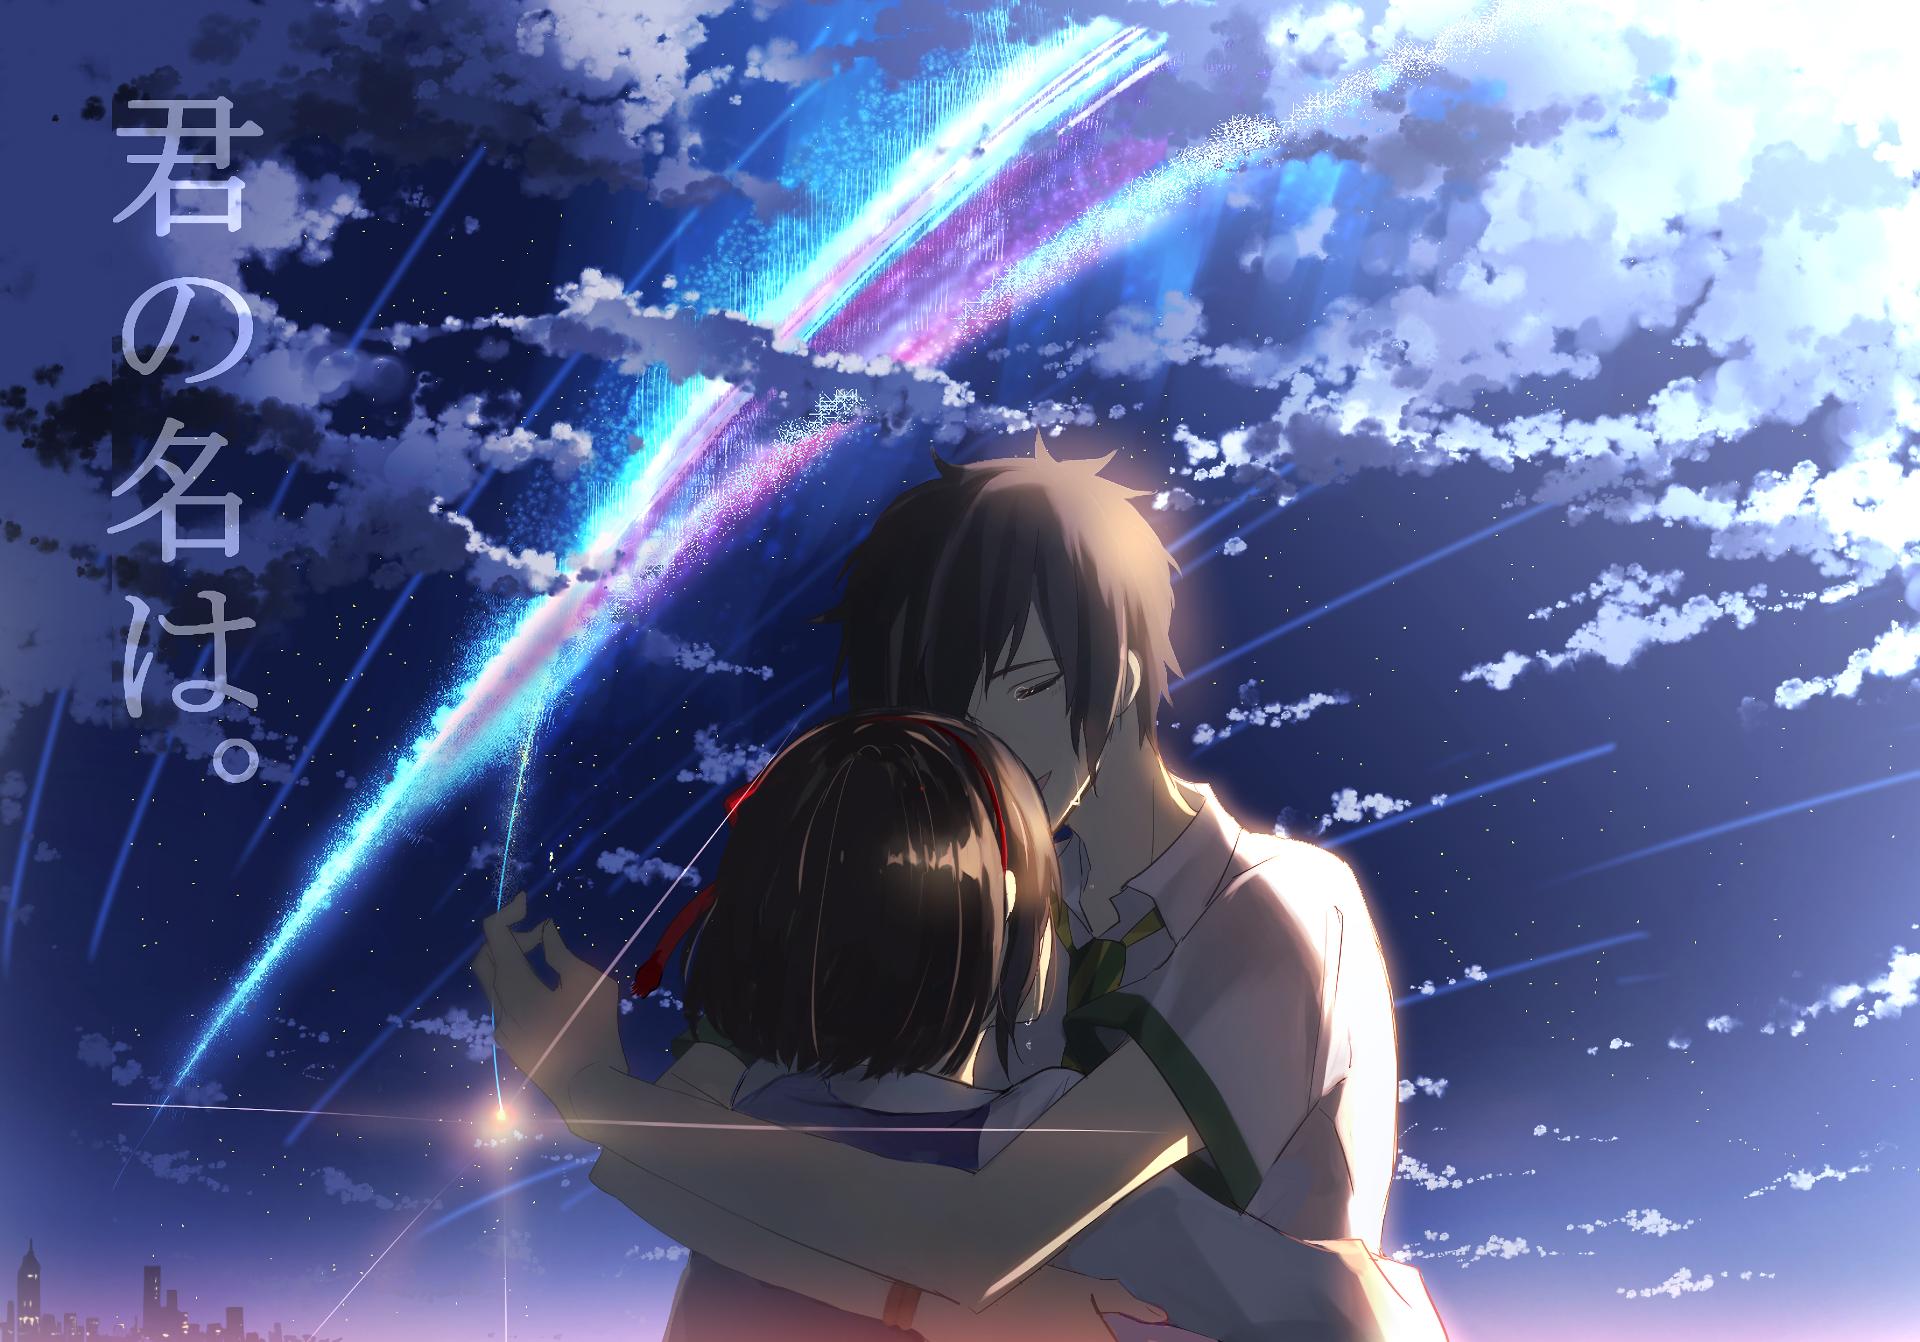 Kimi No Na Wa Taki X Mitsuha Romance Happy Tears Crying Scenic Clouds Anime 6461 Png 1920 1342 Kimi No Na Wa Kimi No Na Your Name Anime